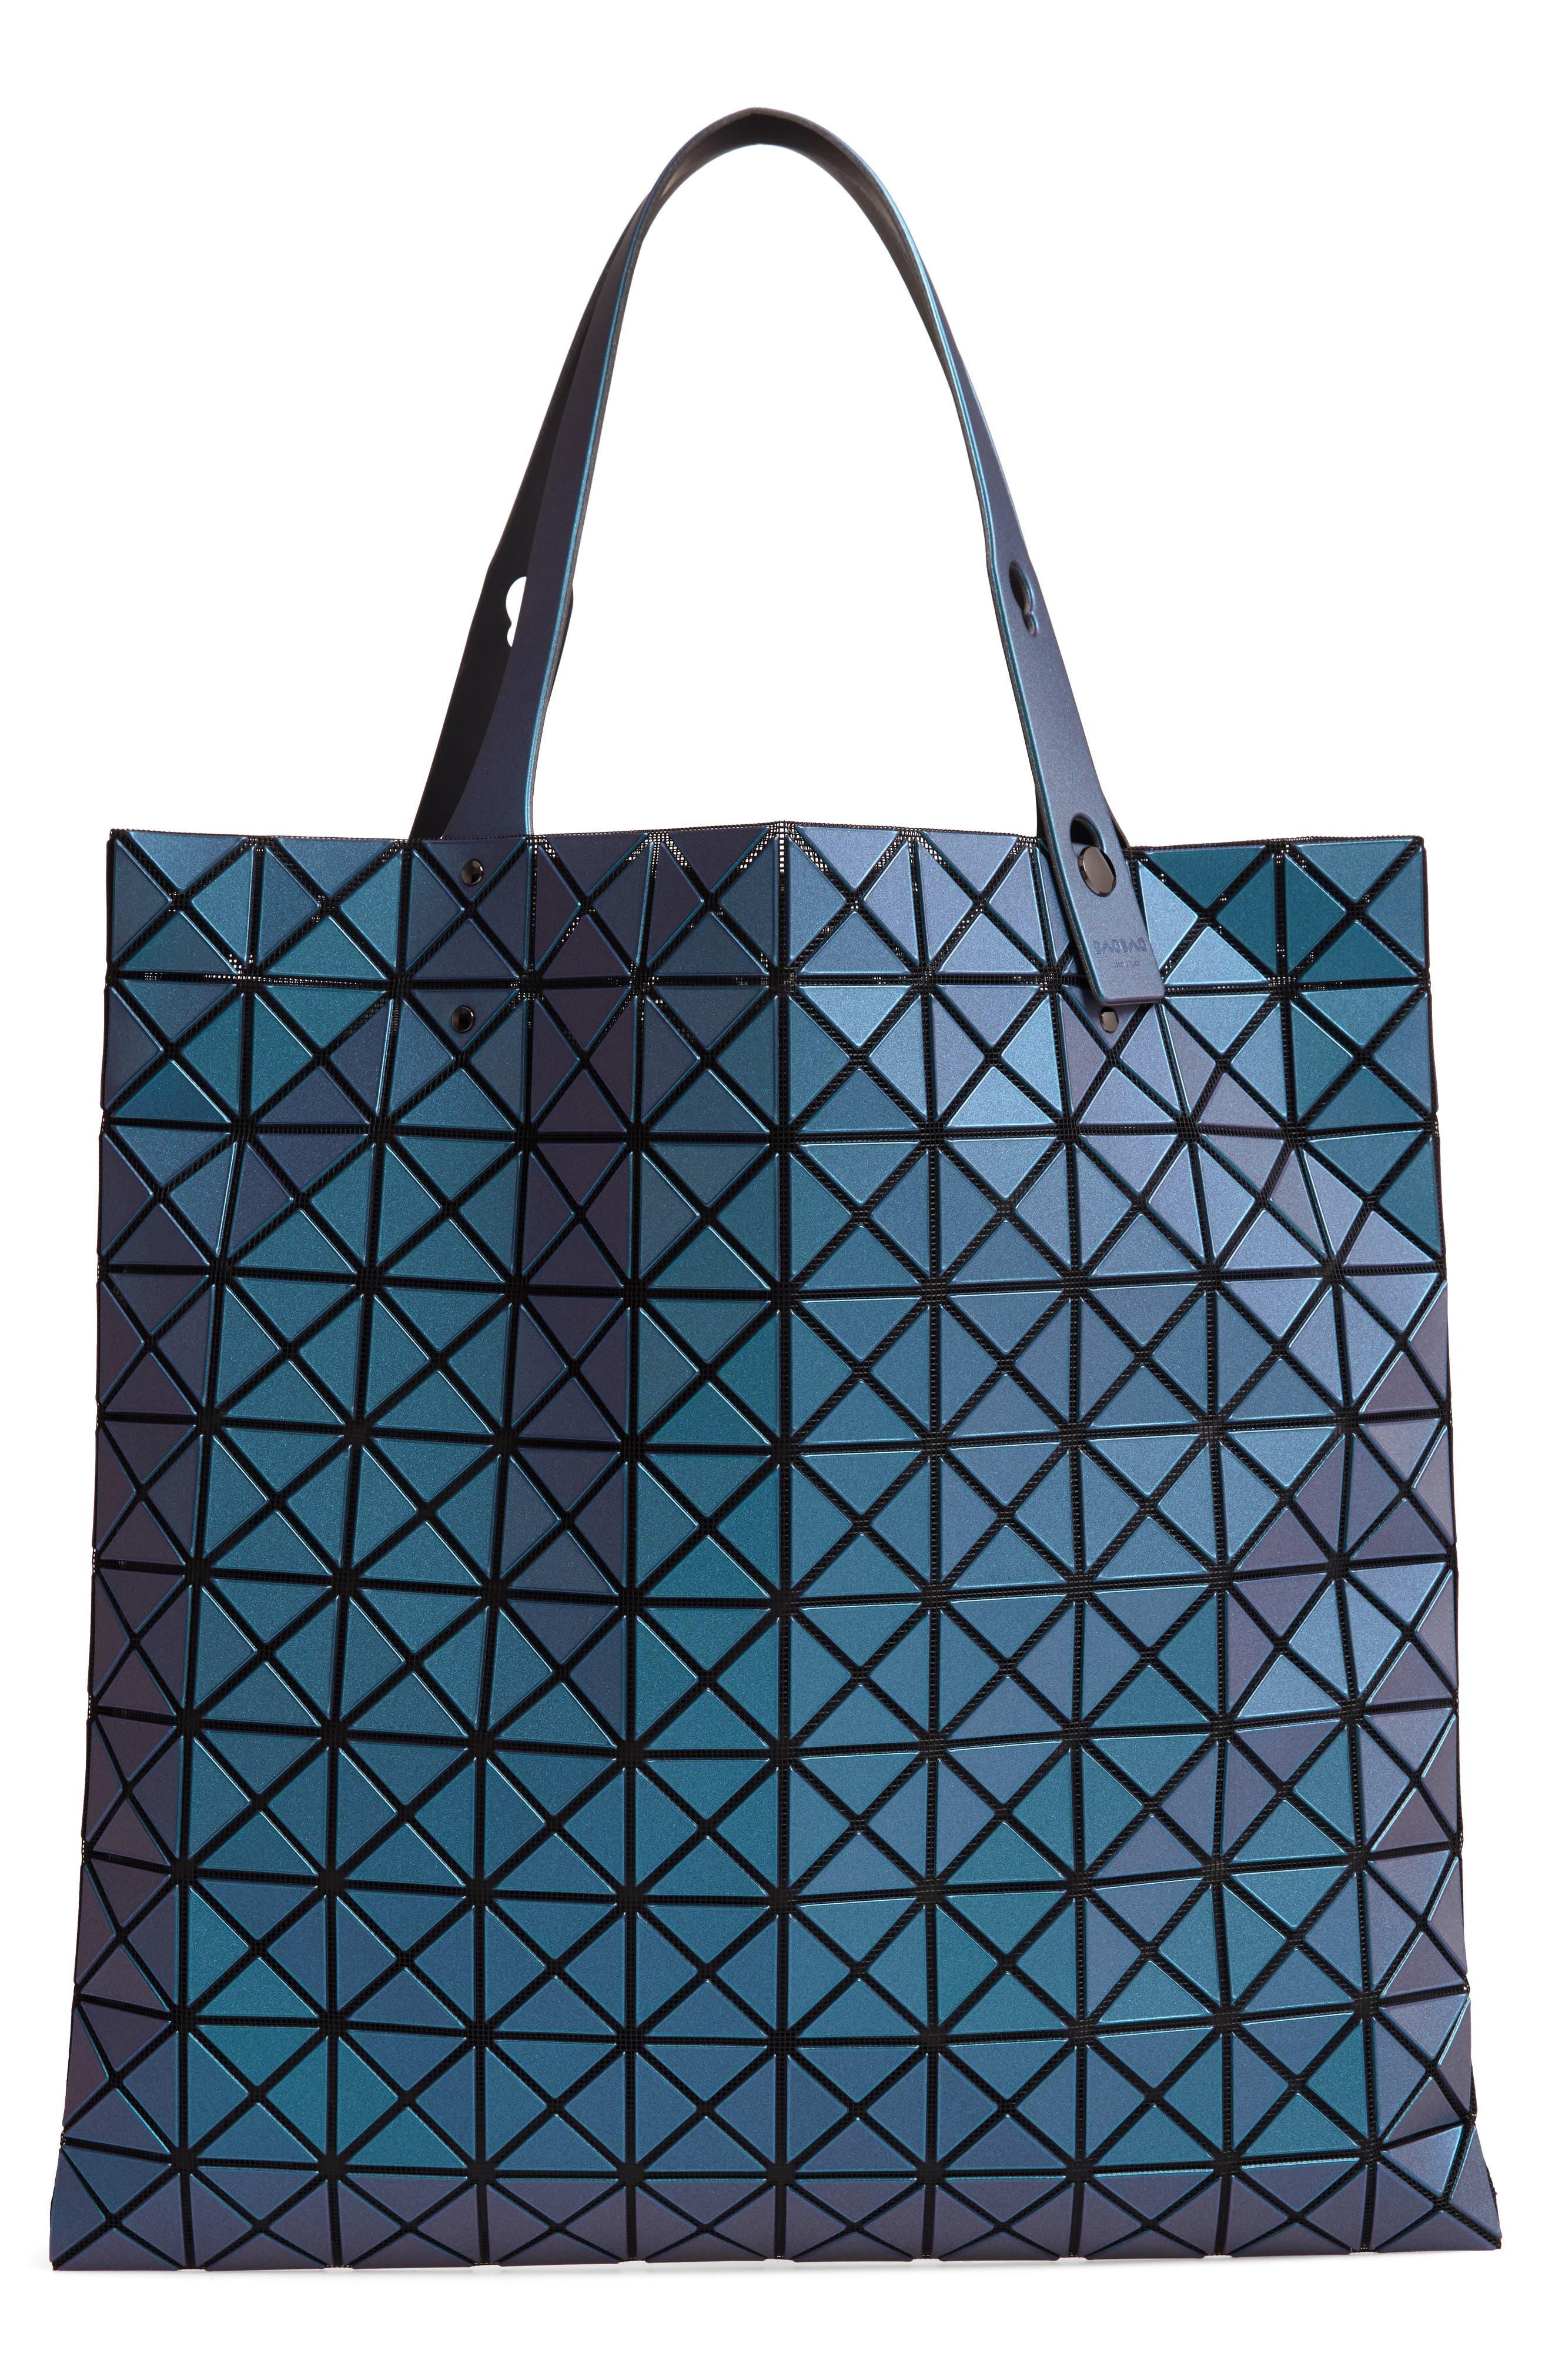 Prism Metallic Tote Bag,                         Main,                         color, BLUE